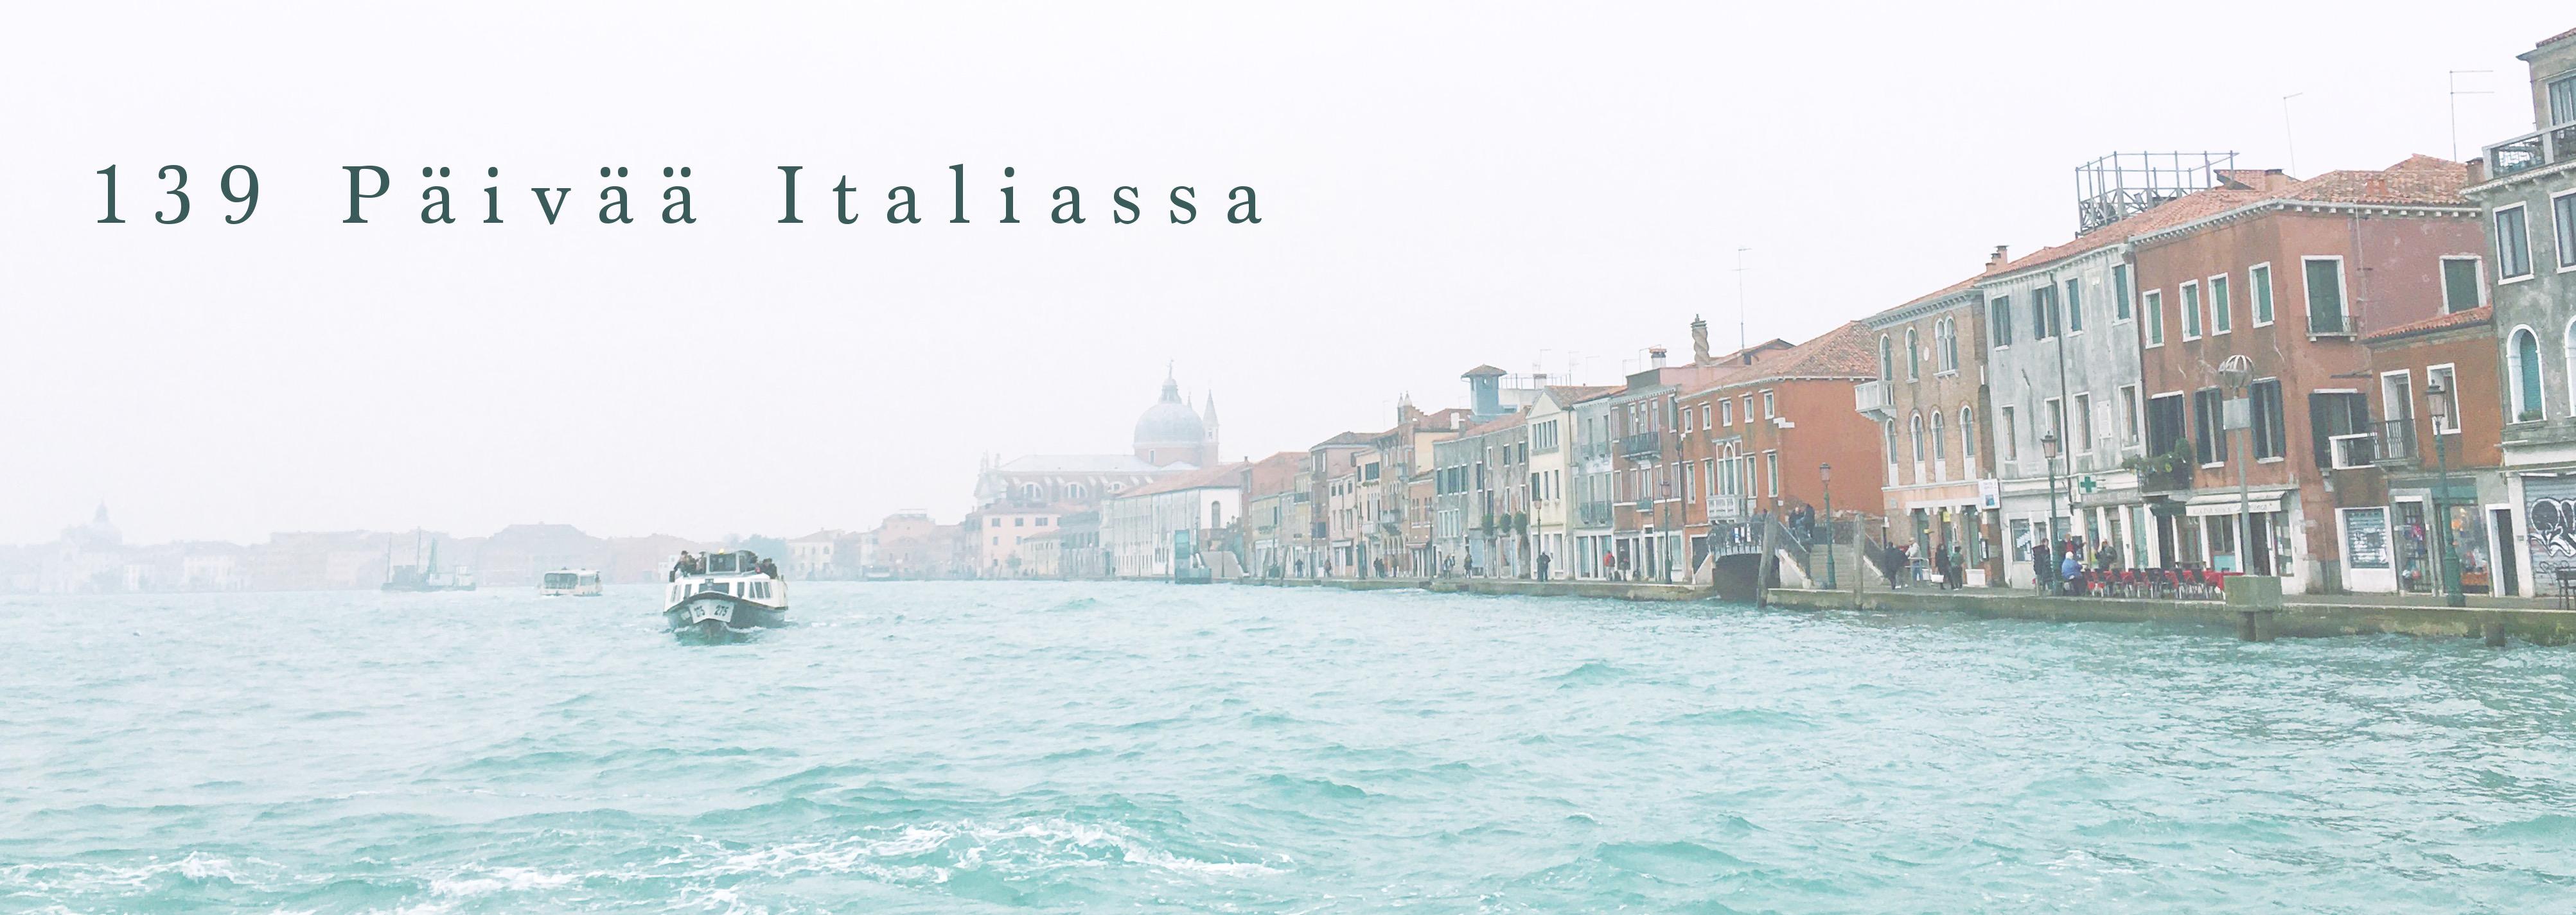 139 Päivää Italiassa